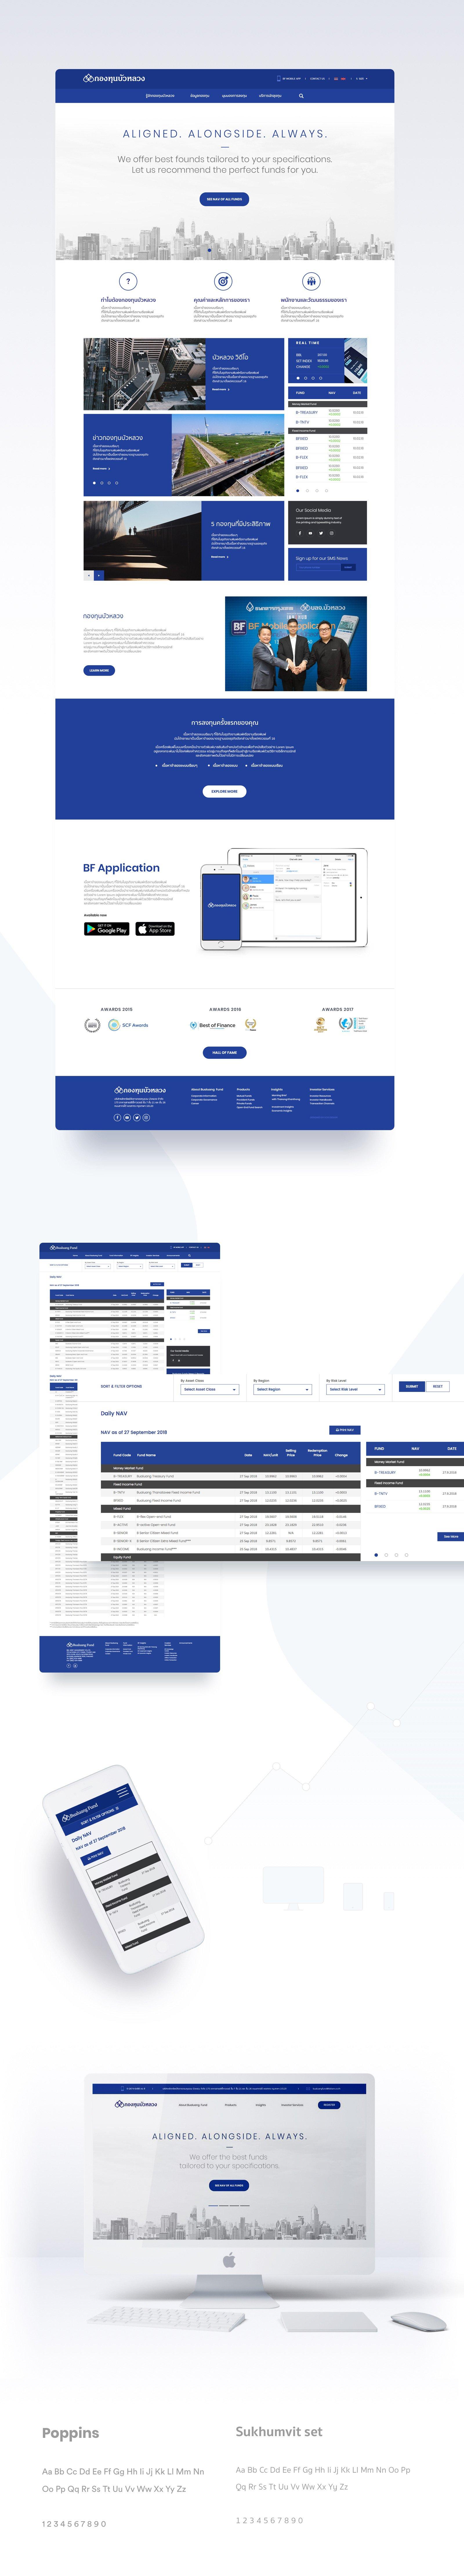 KOS Design - BBL Asset Management